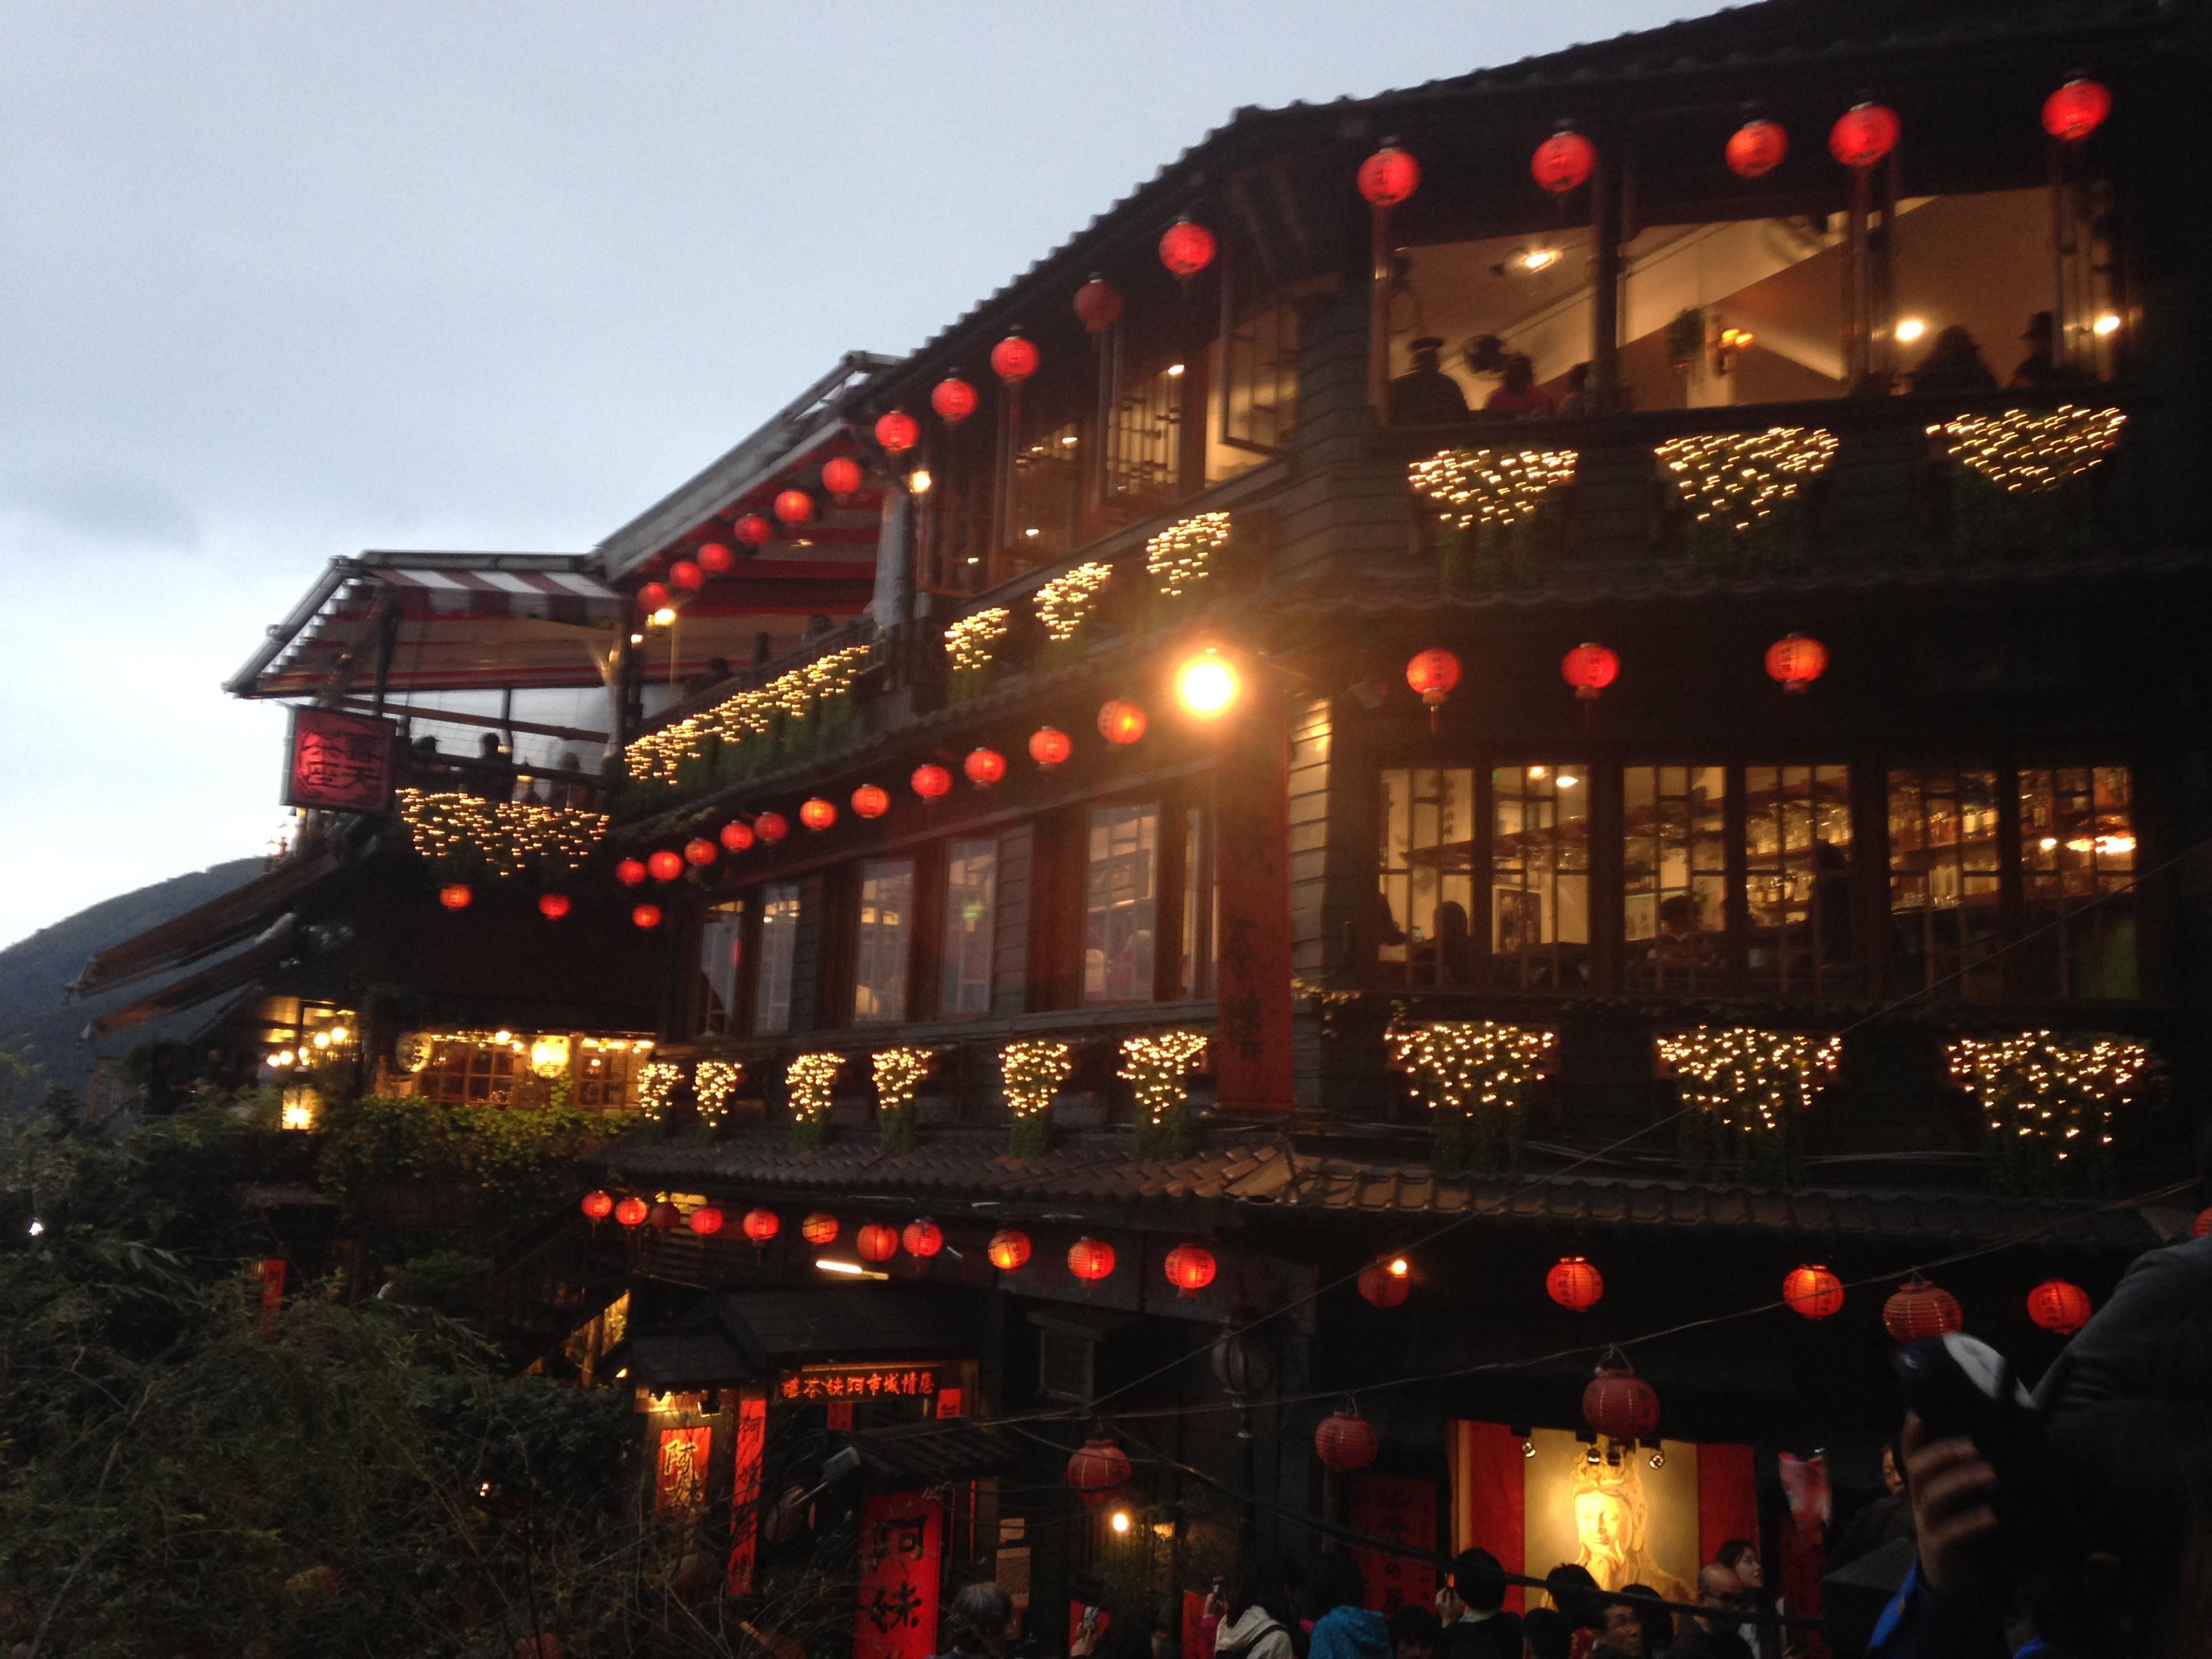 九份(キュウフン)の茶芸館でジブリの舞台を夜景で楽しもう